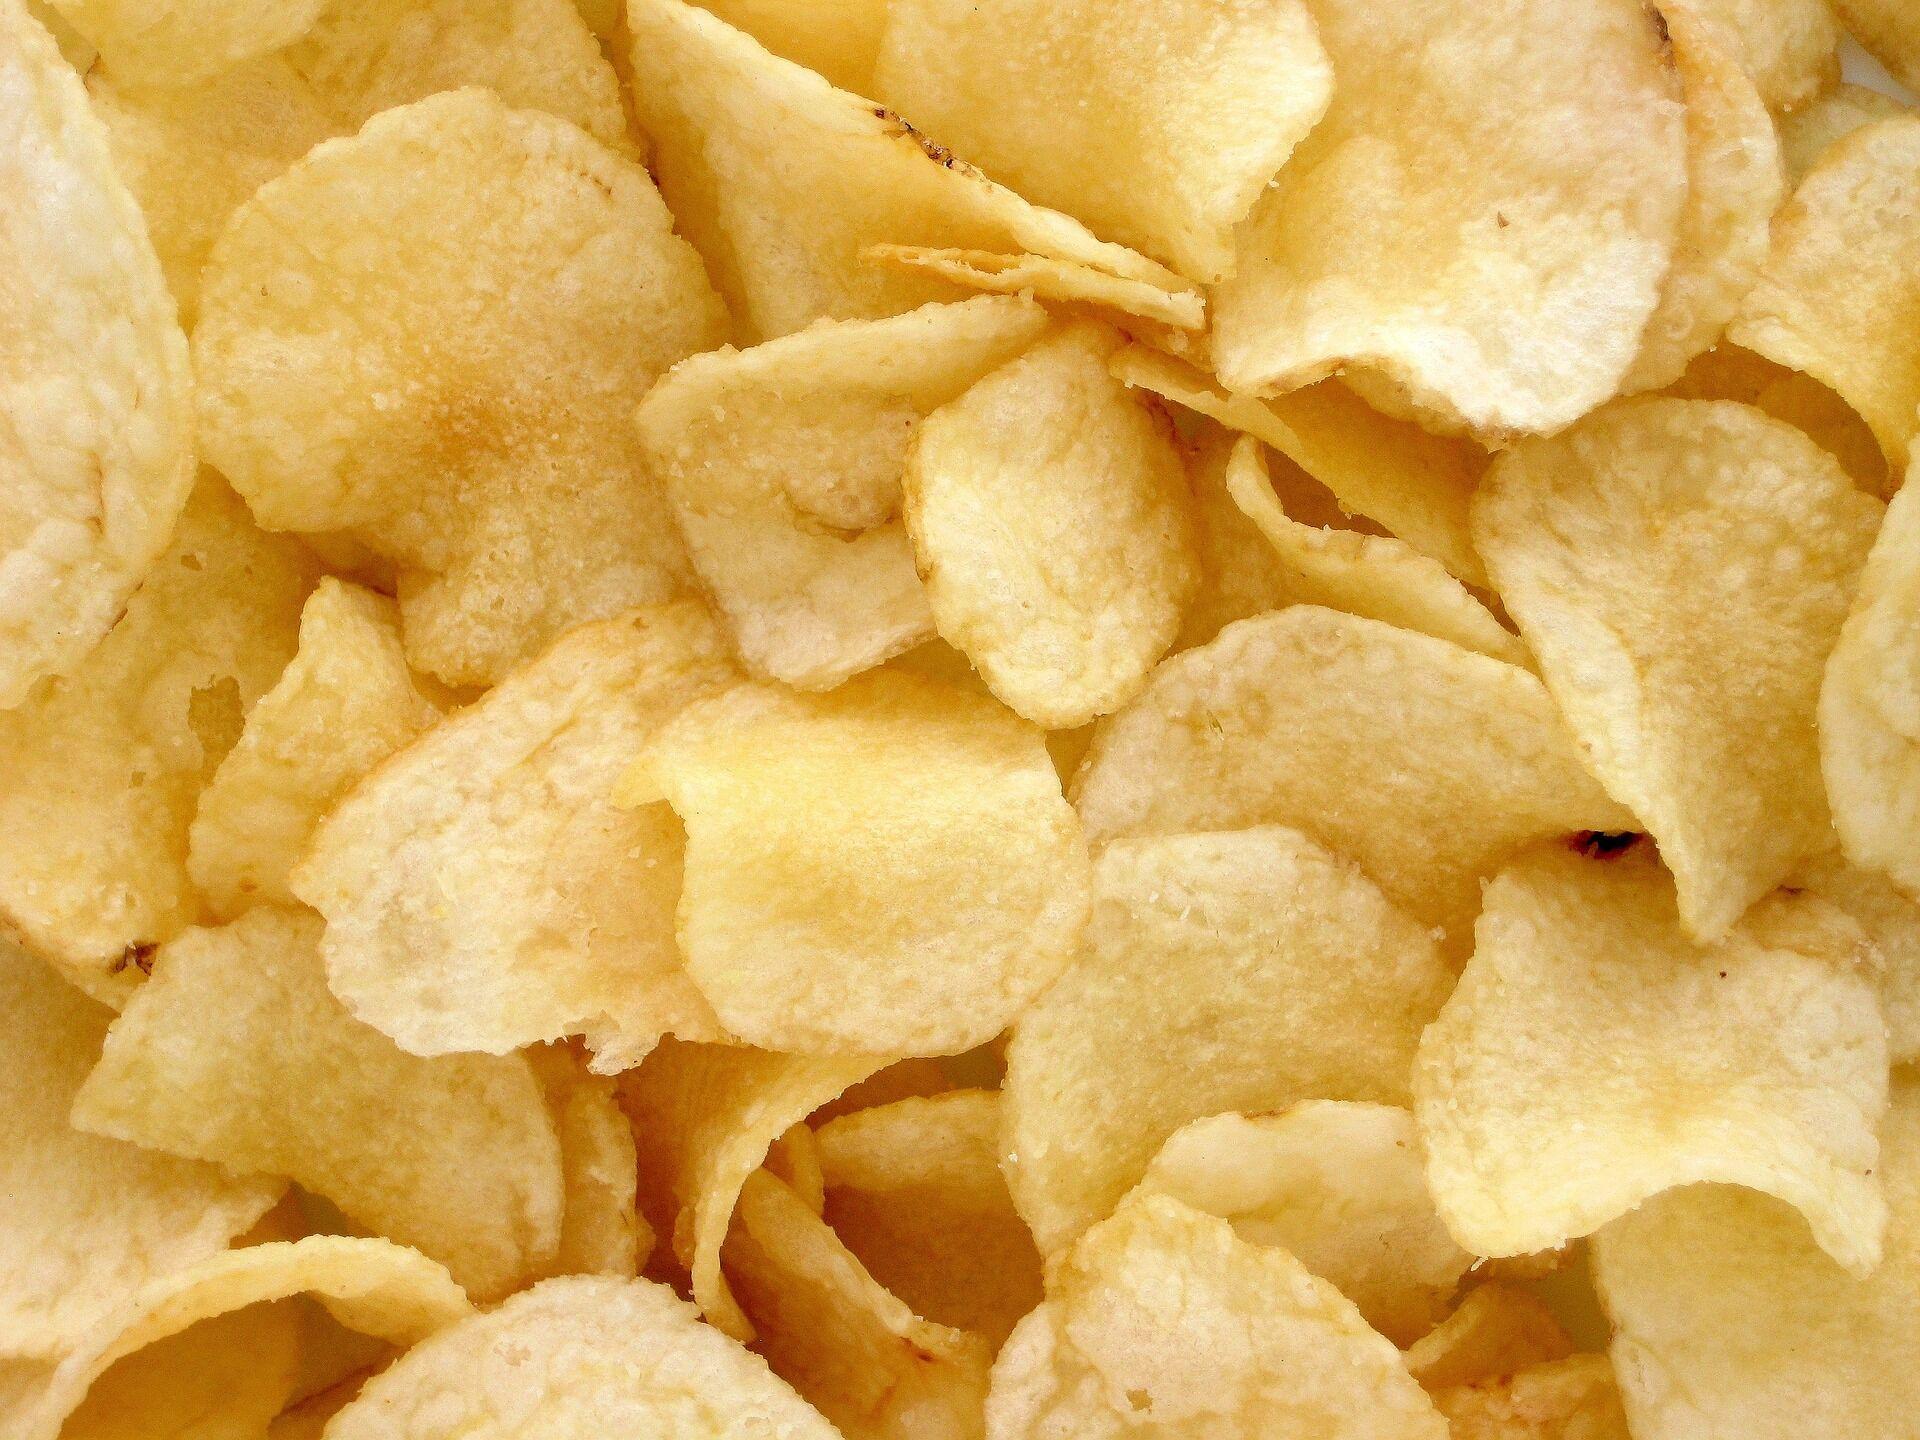 Чипсы не только очень калорийны – многим людям сложно ограничиться одной порцией